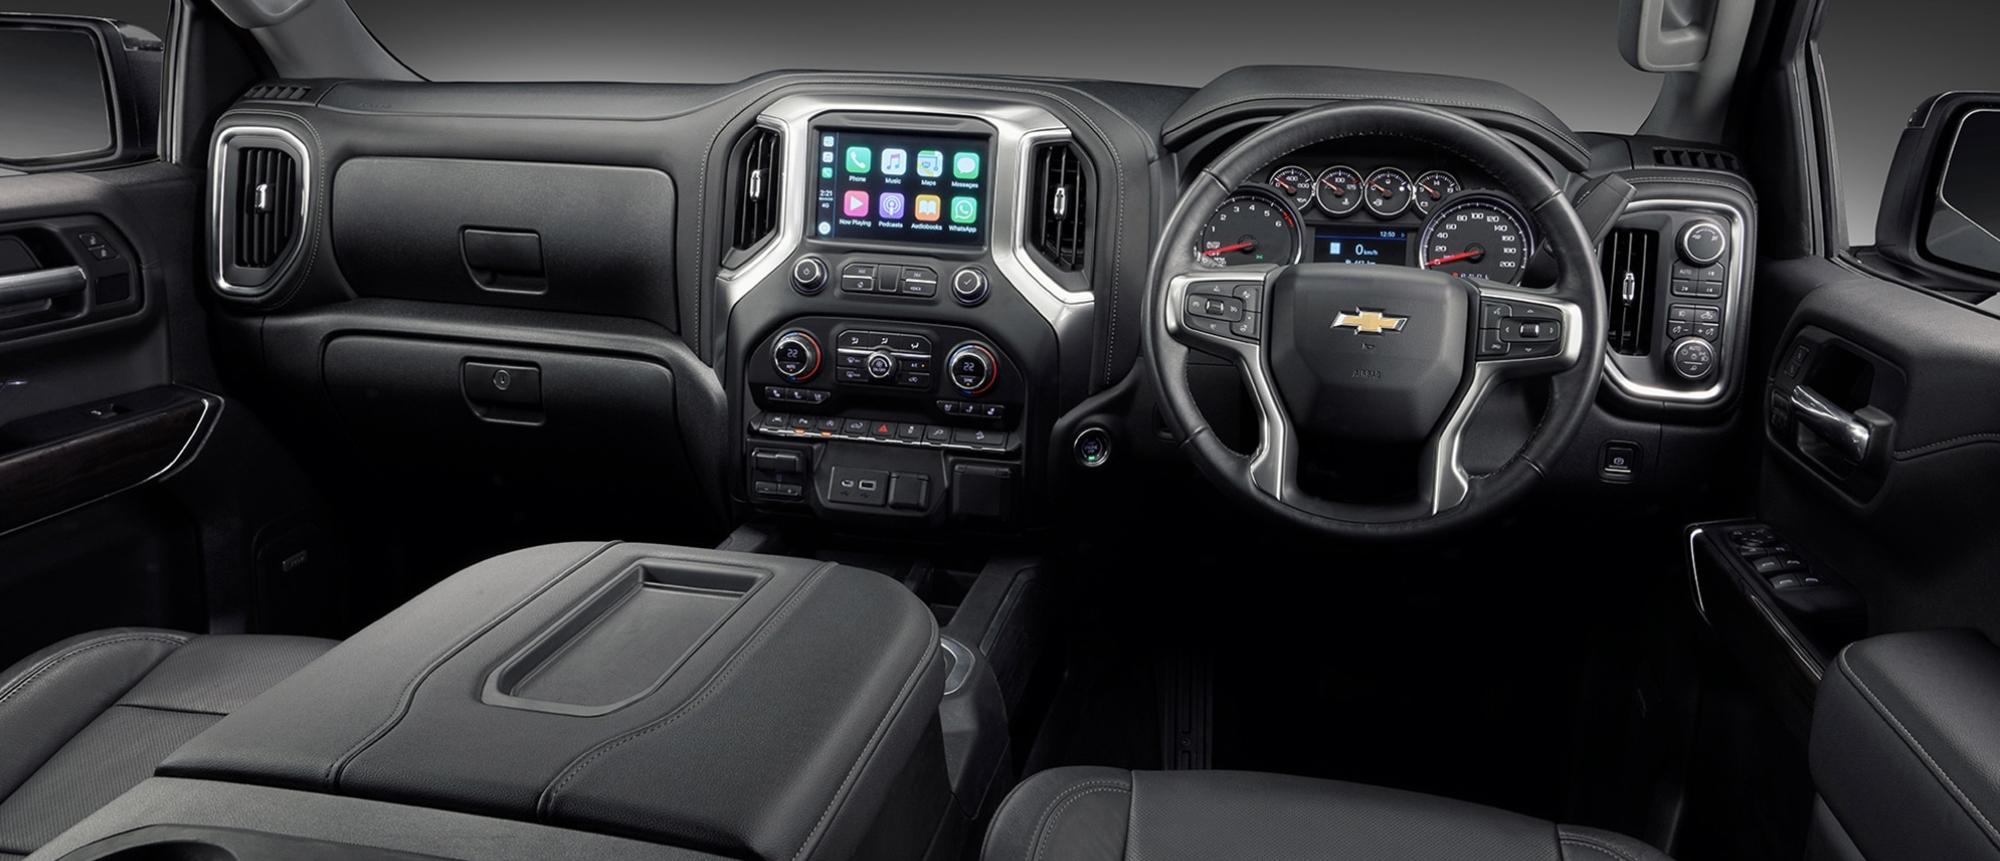 Chevrolet Silverado 1500 Interior